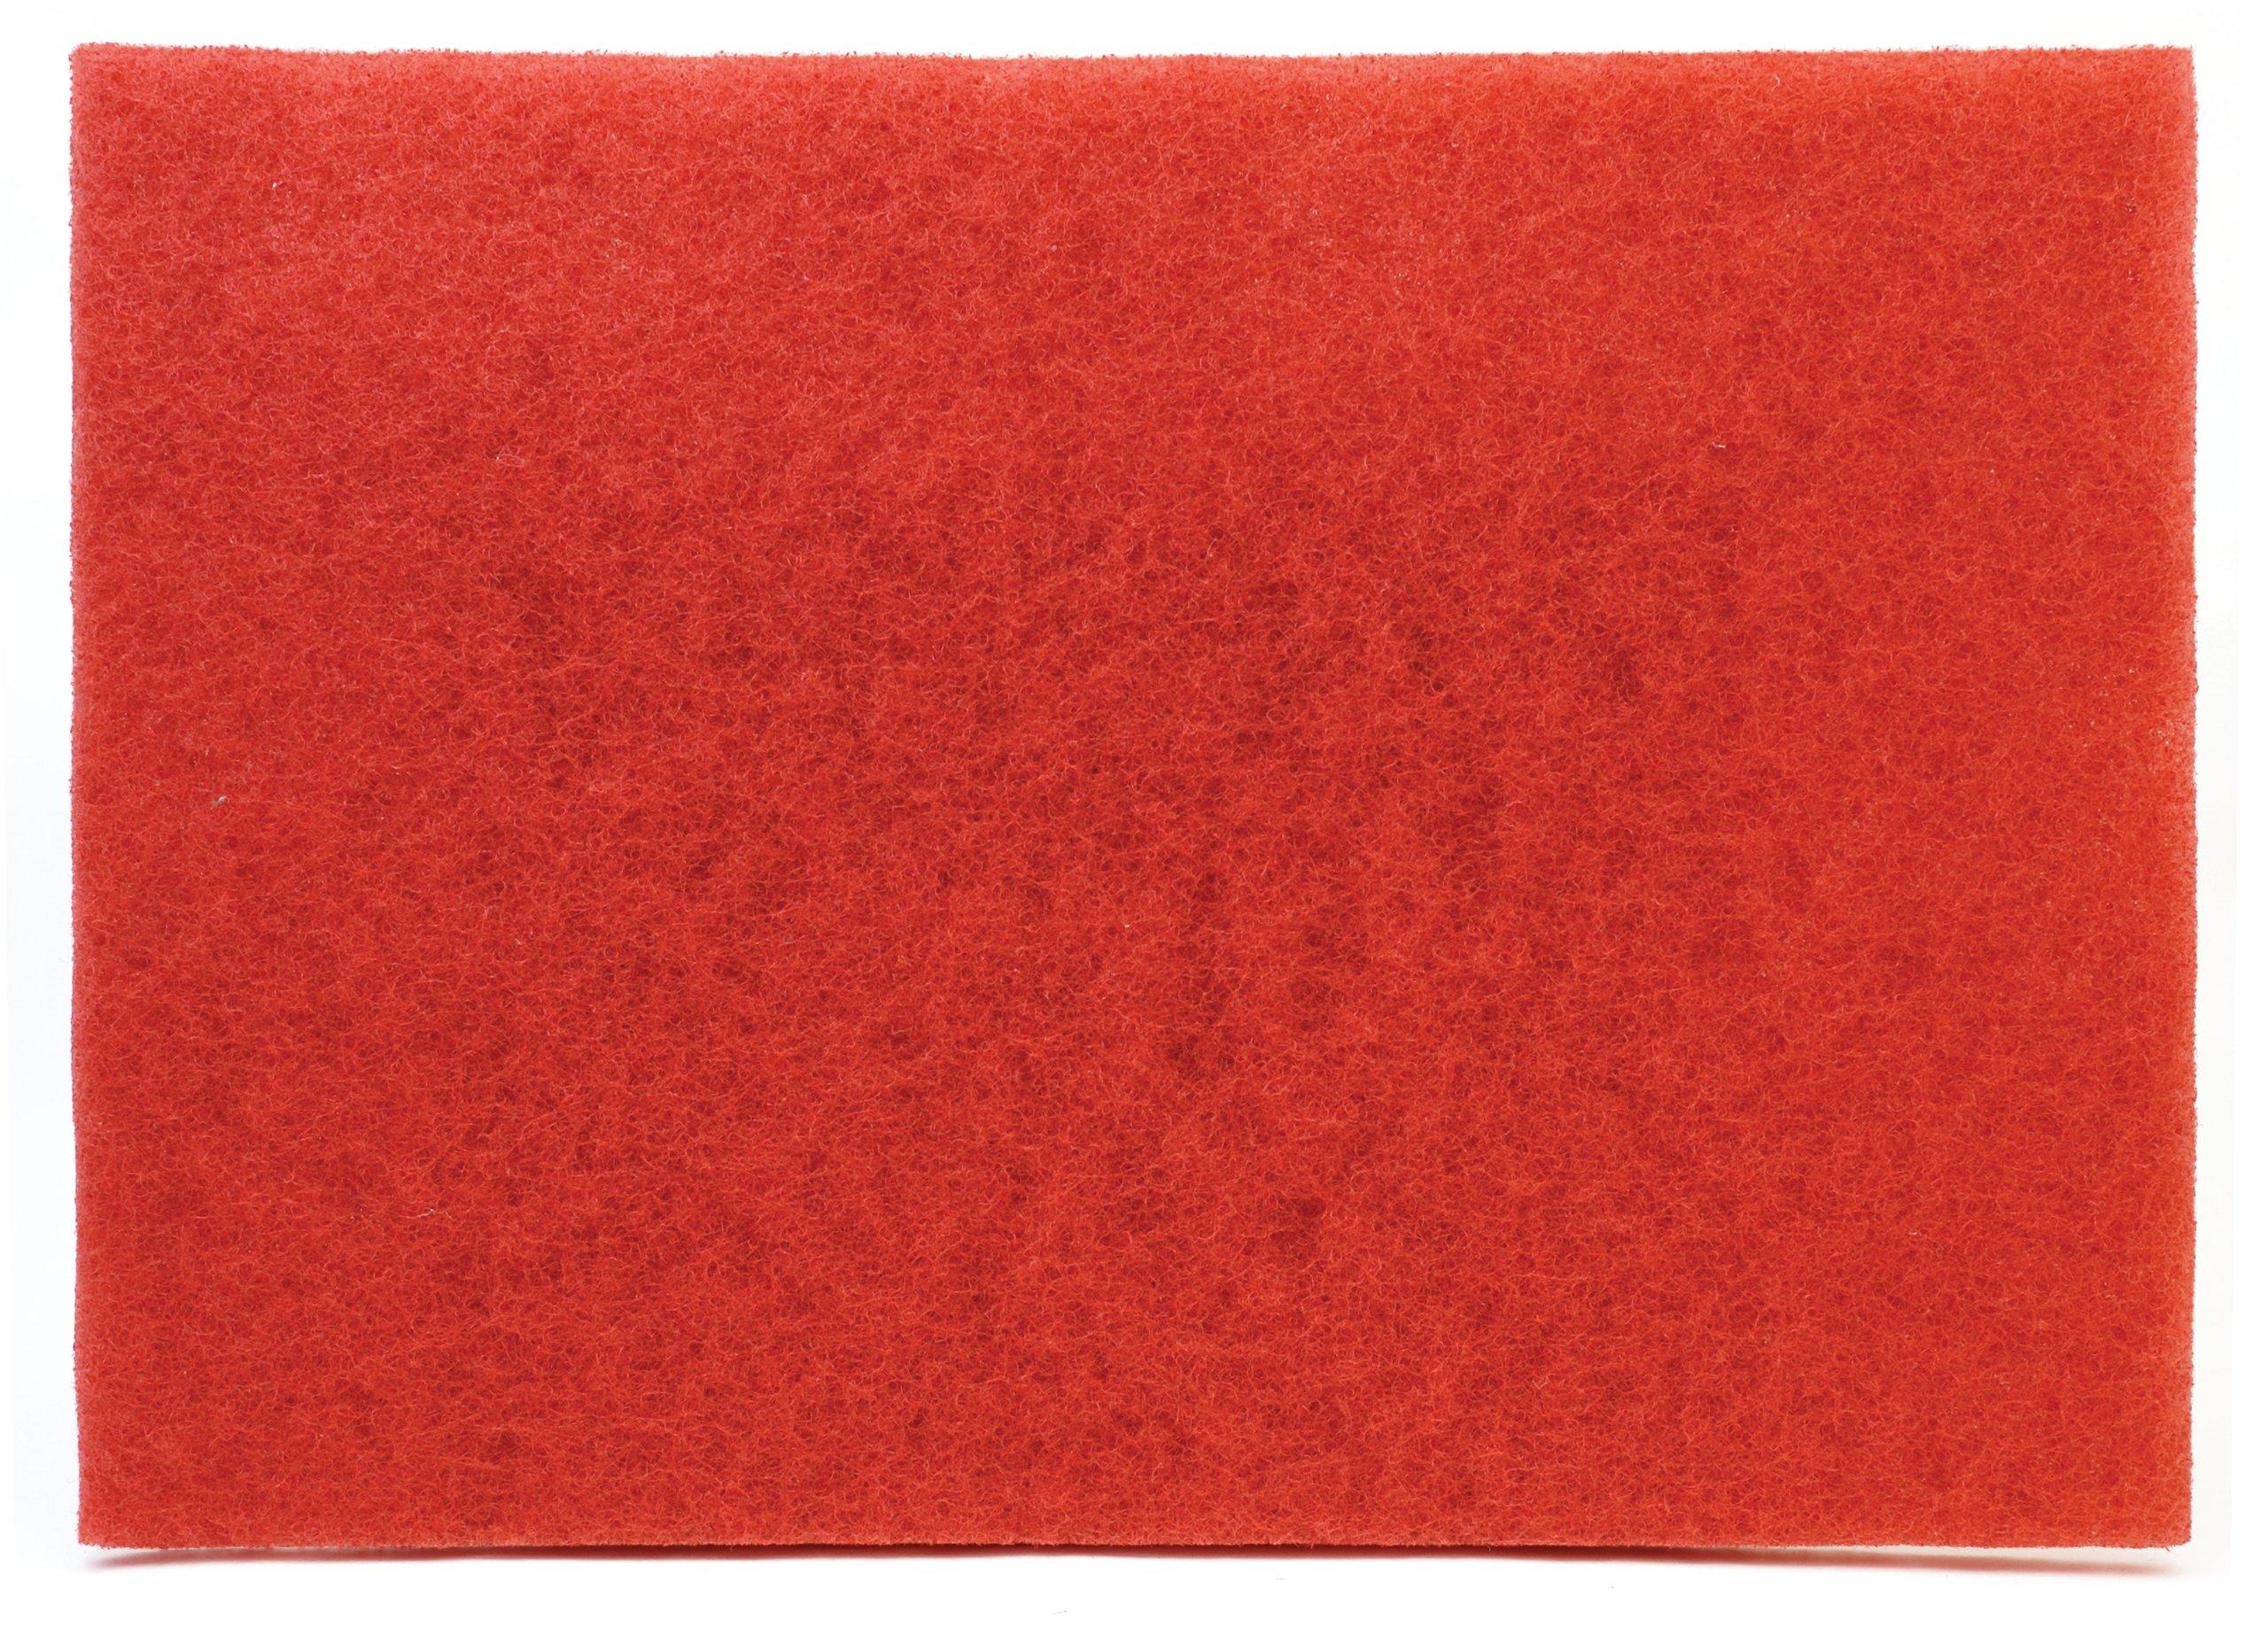 3M(TM) Red Buffer Pad 5100, 20 in x 14 in, 10 per case by 3M